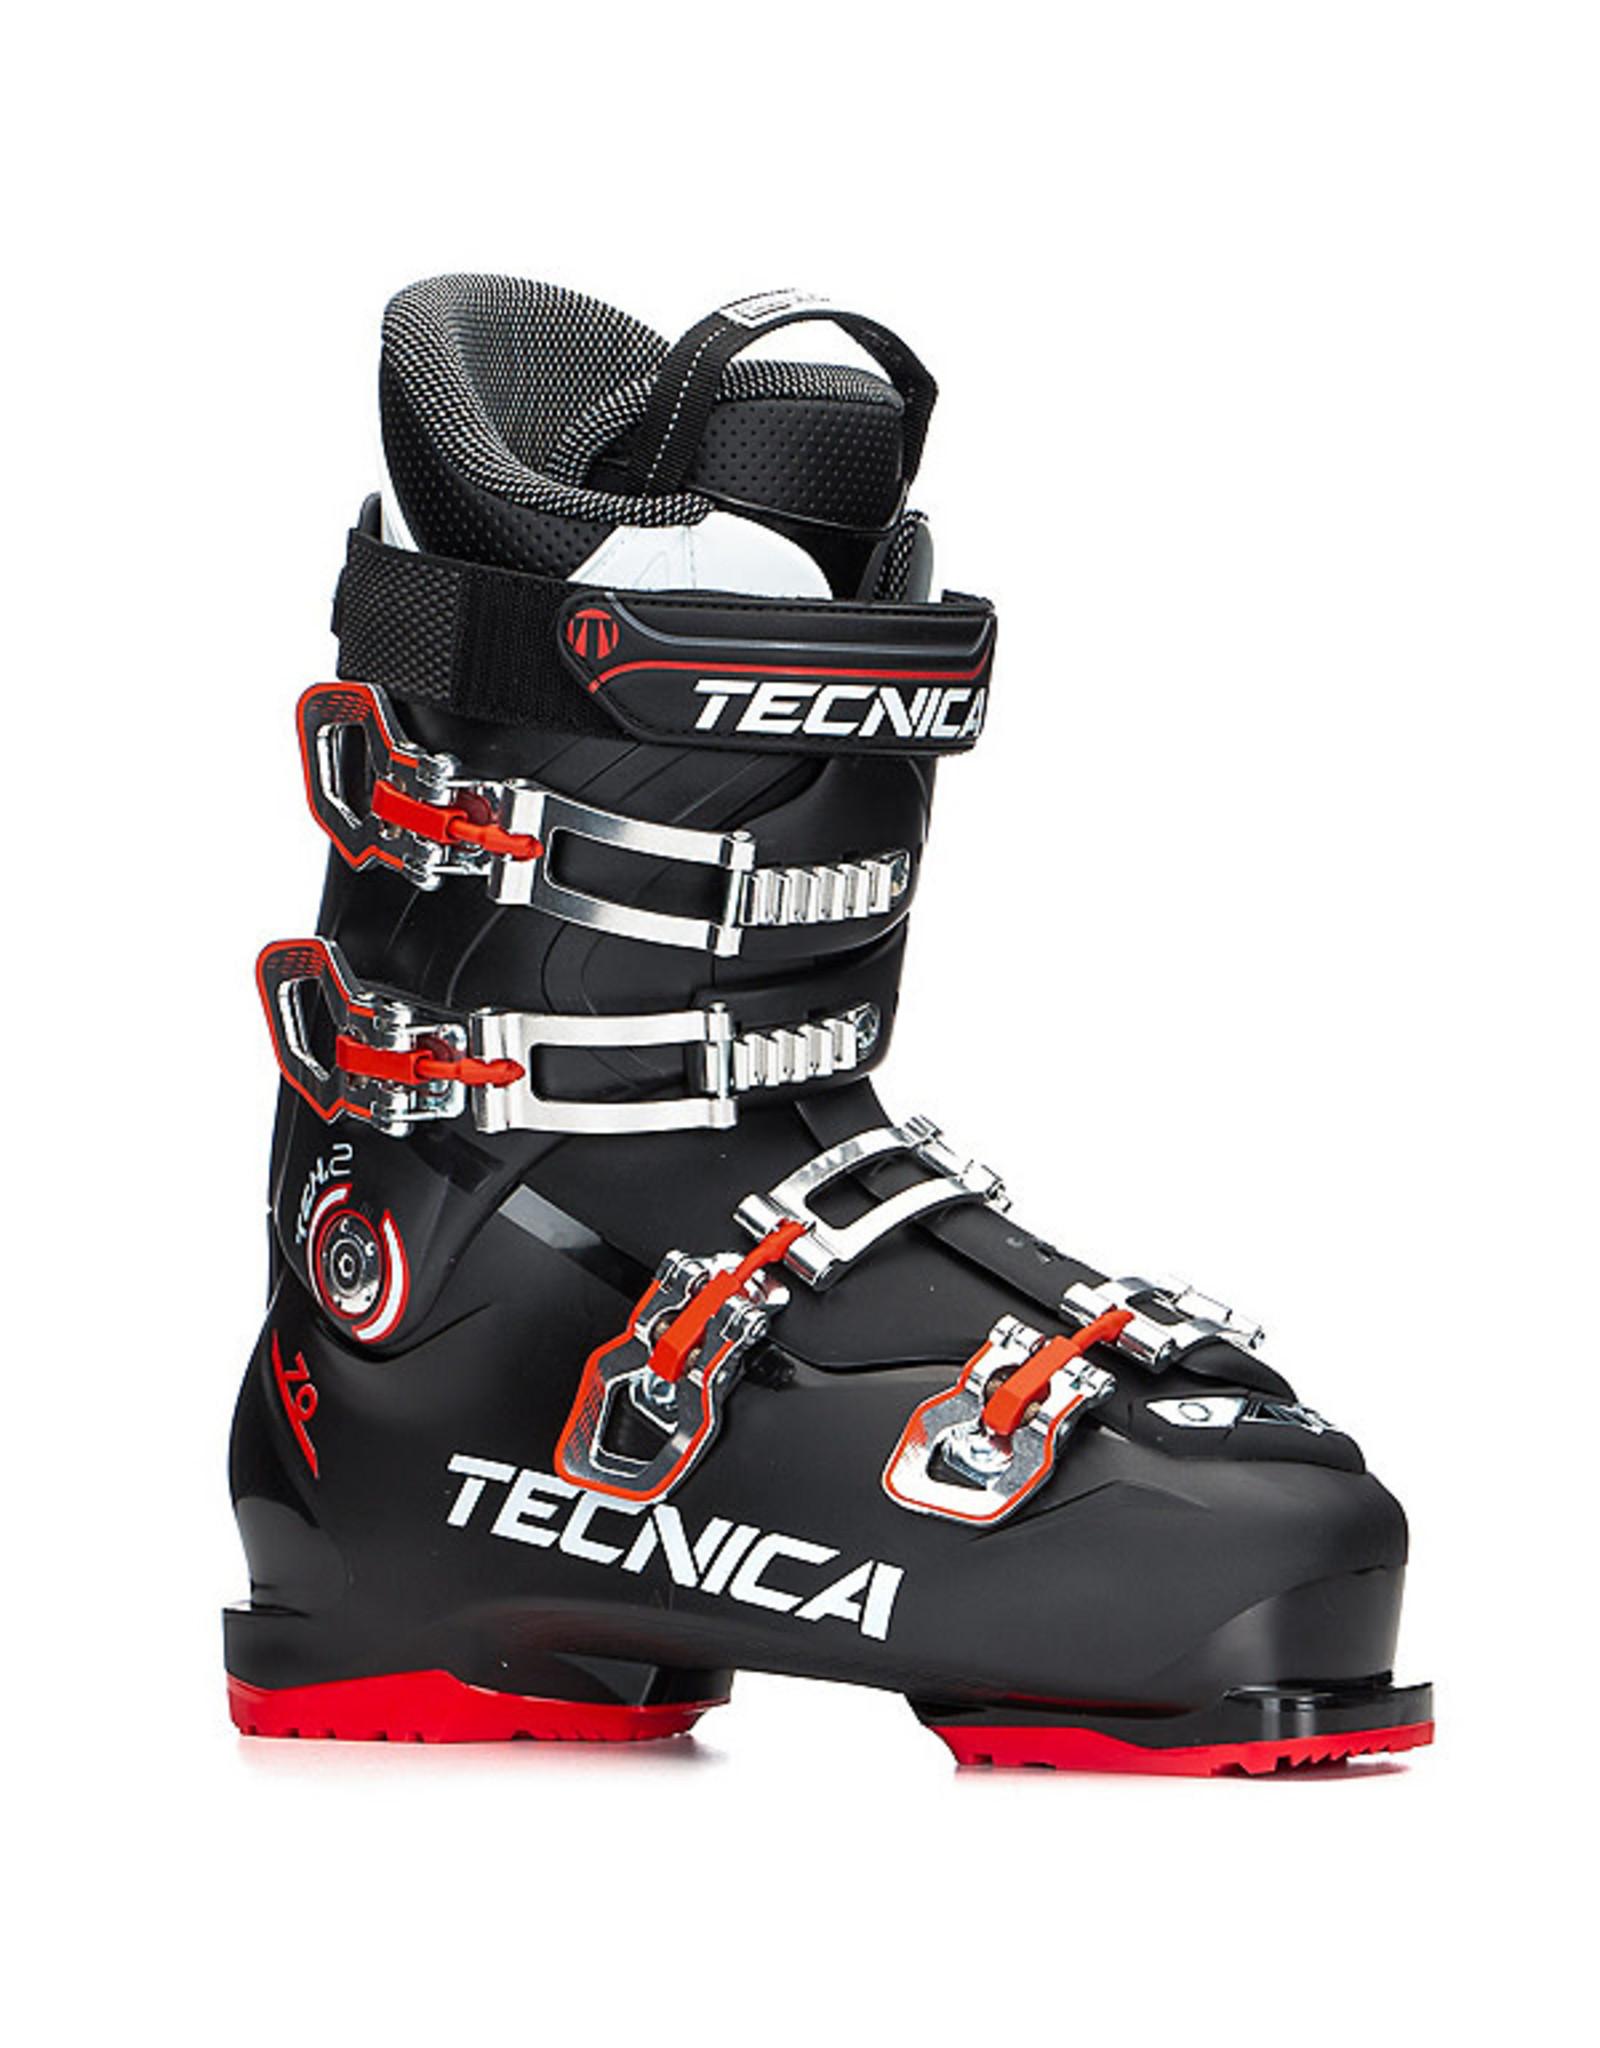 Tecnica Tecnica Ten.2 70 HVL Ski Boots